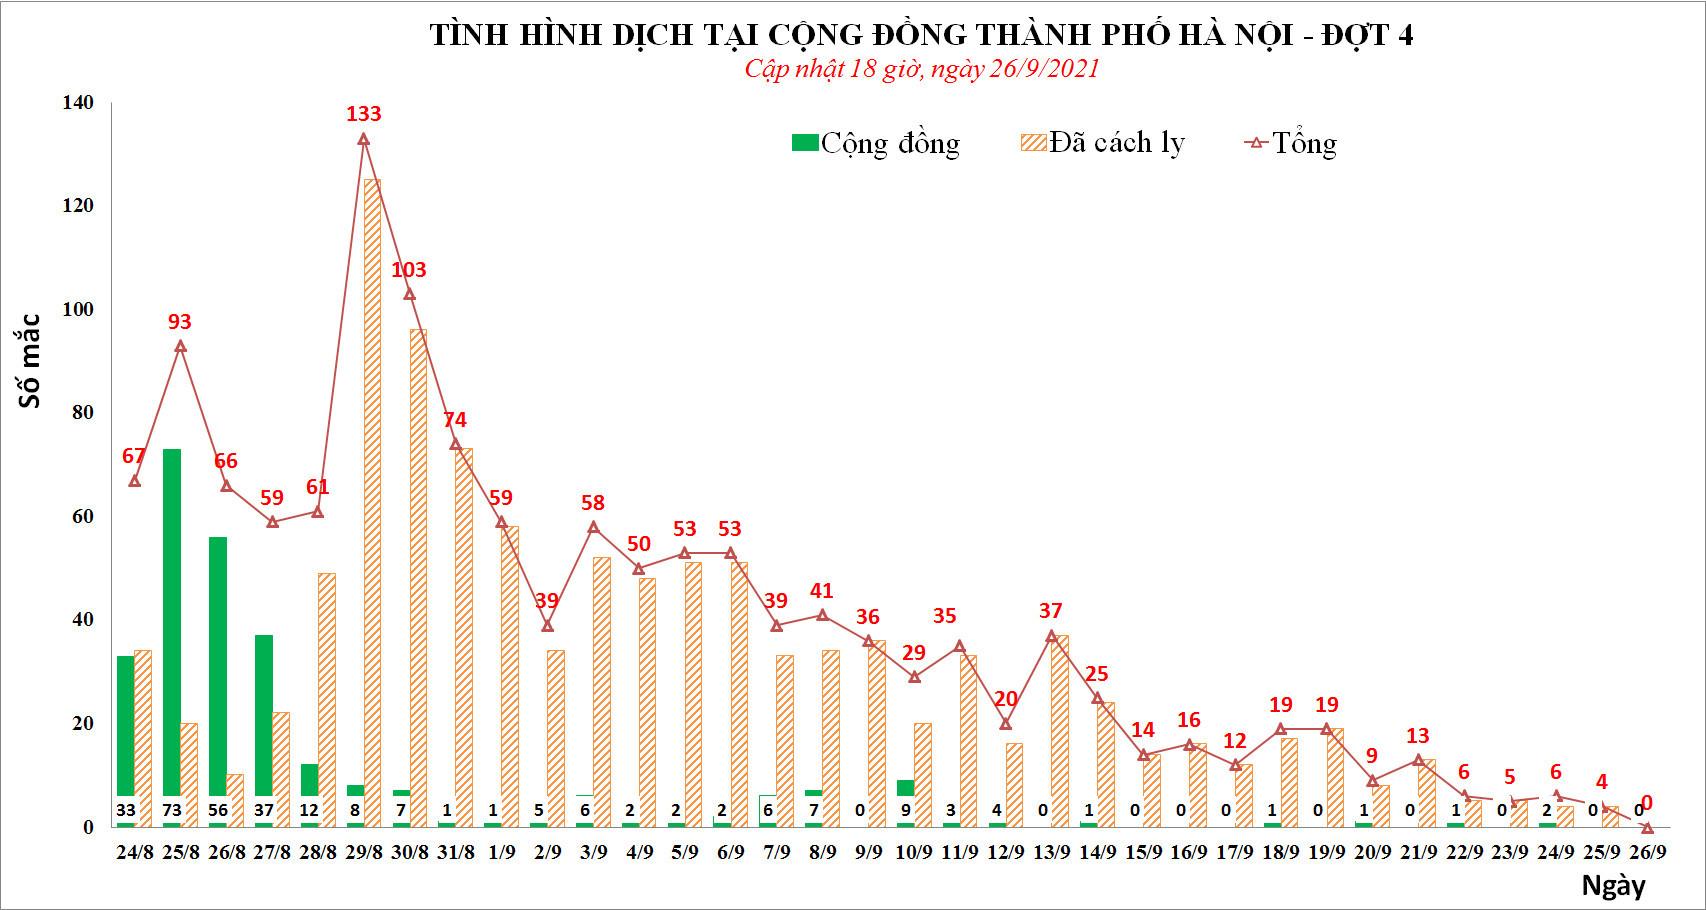 Ngày 26/9, Hà Nội không có ca Covid-19 mới sau gần 3 tháng